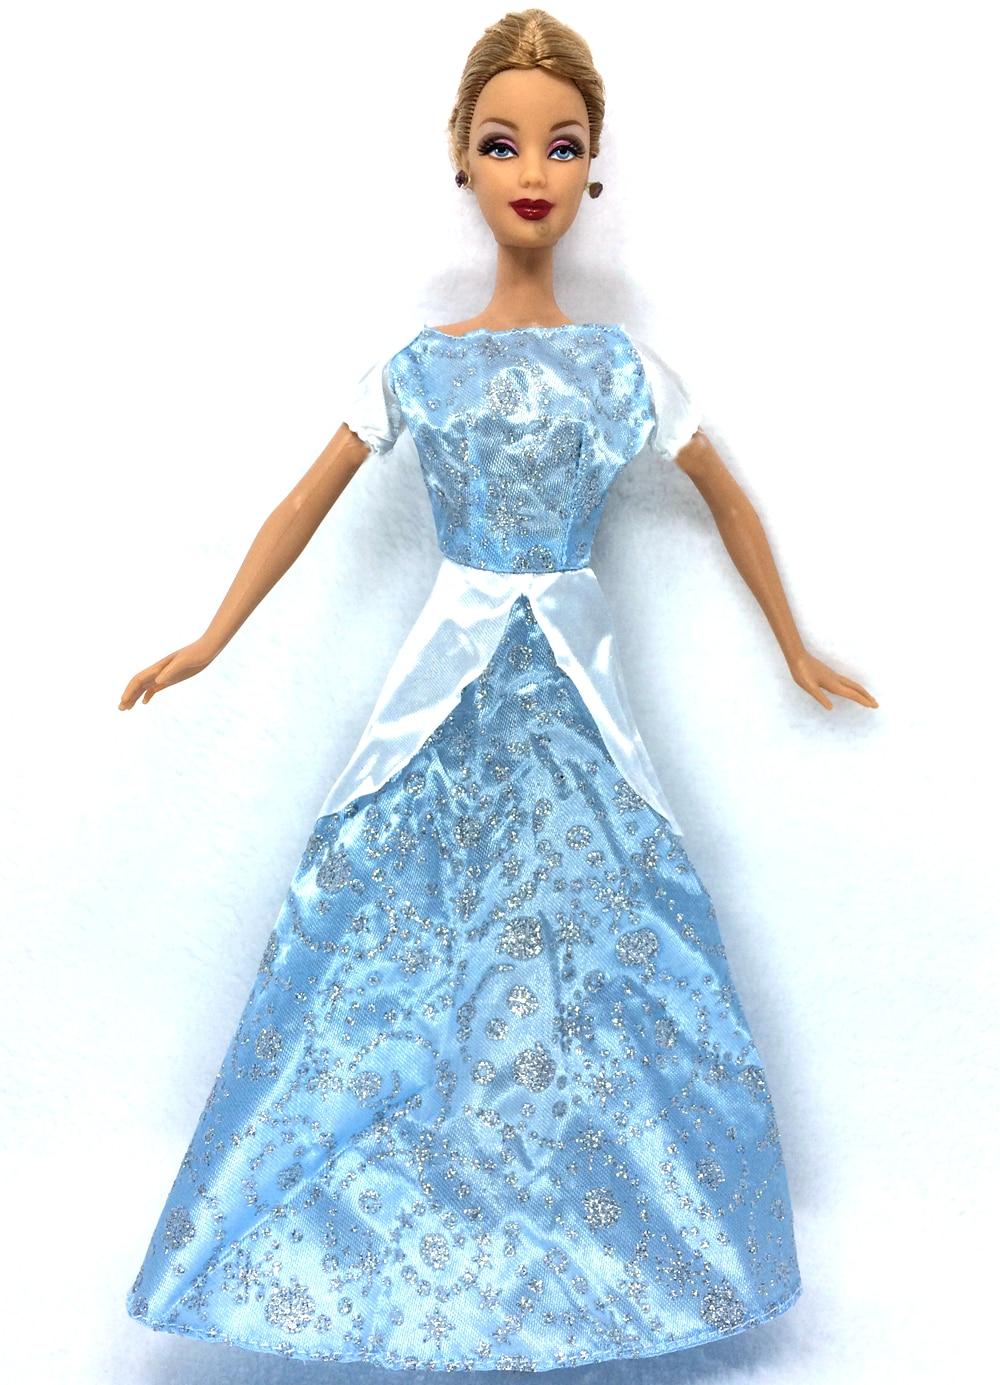 Dorable Juegos De Vestir Princesas Y Novias Motif - Womens Dresses ...